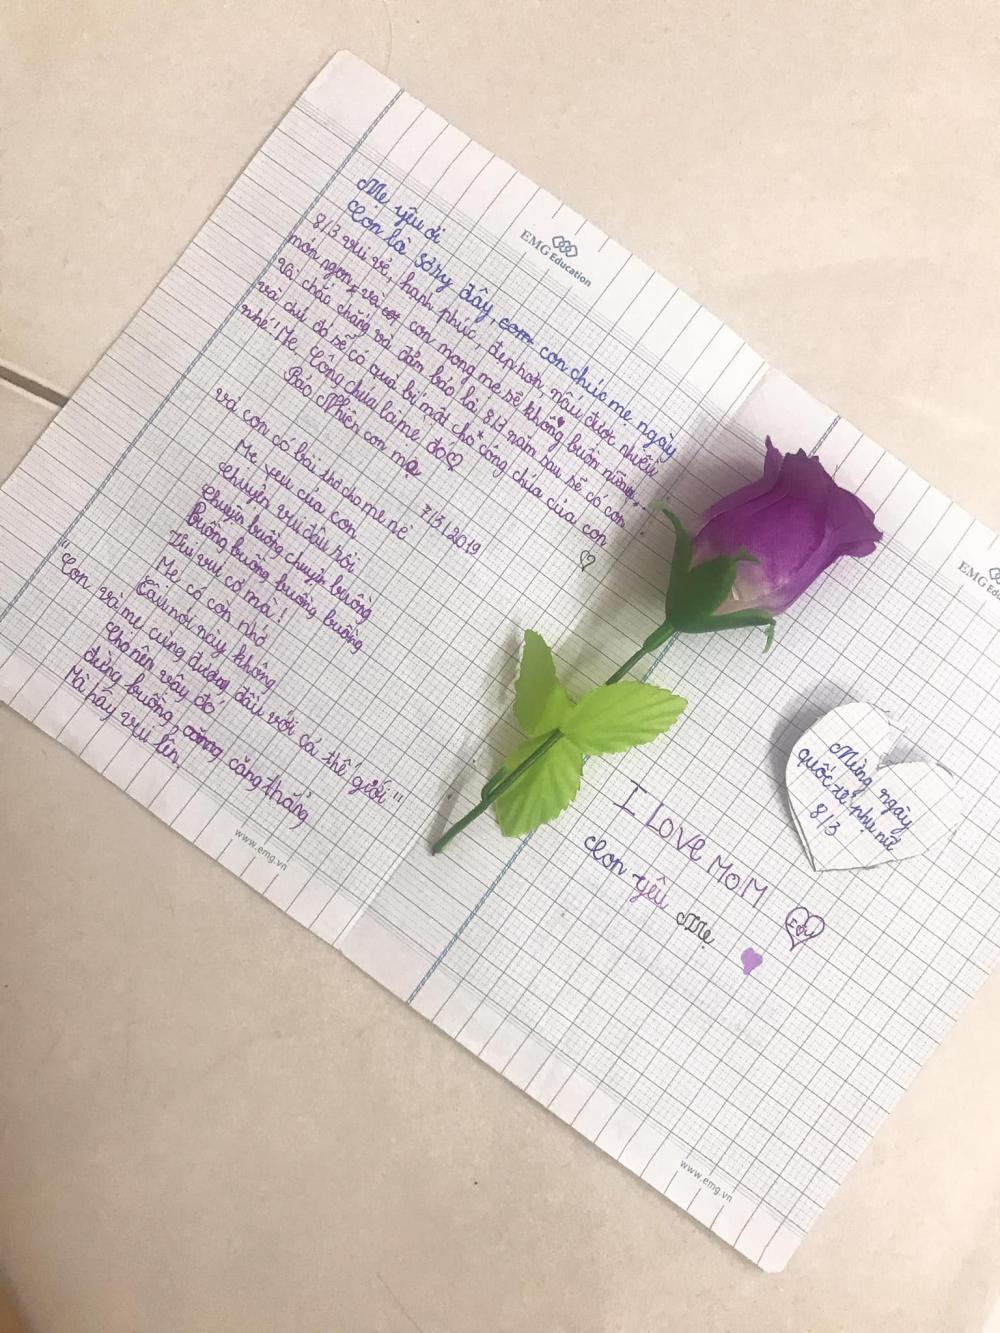 Đó còn là tấm thiệp và bài thơ con viết trên giấy học trò tặng mẹ nhân ngày 8-3.